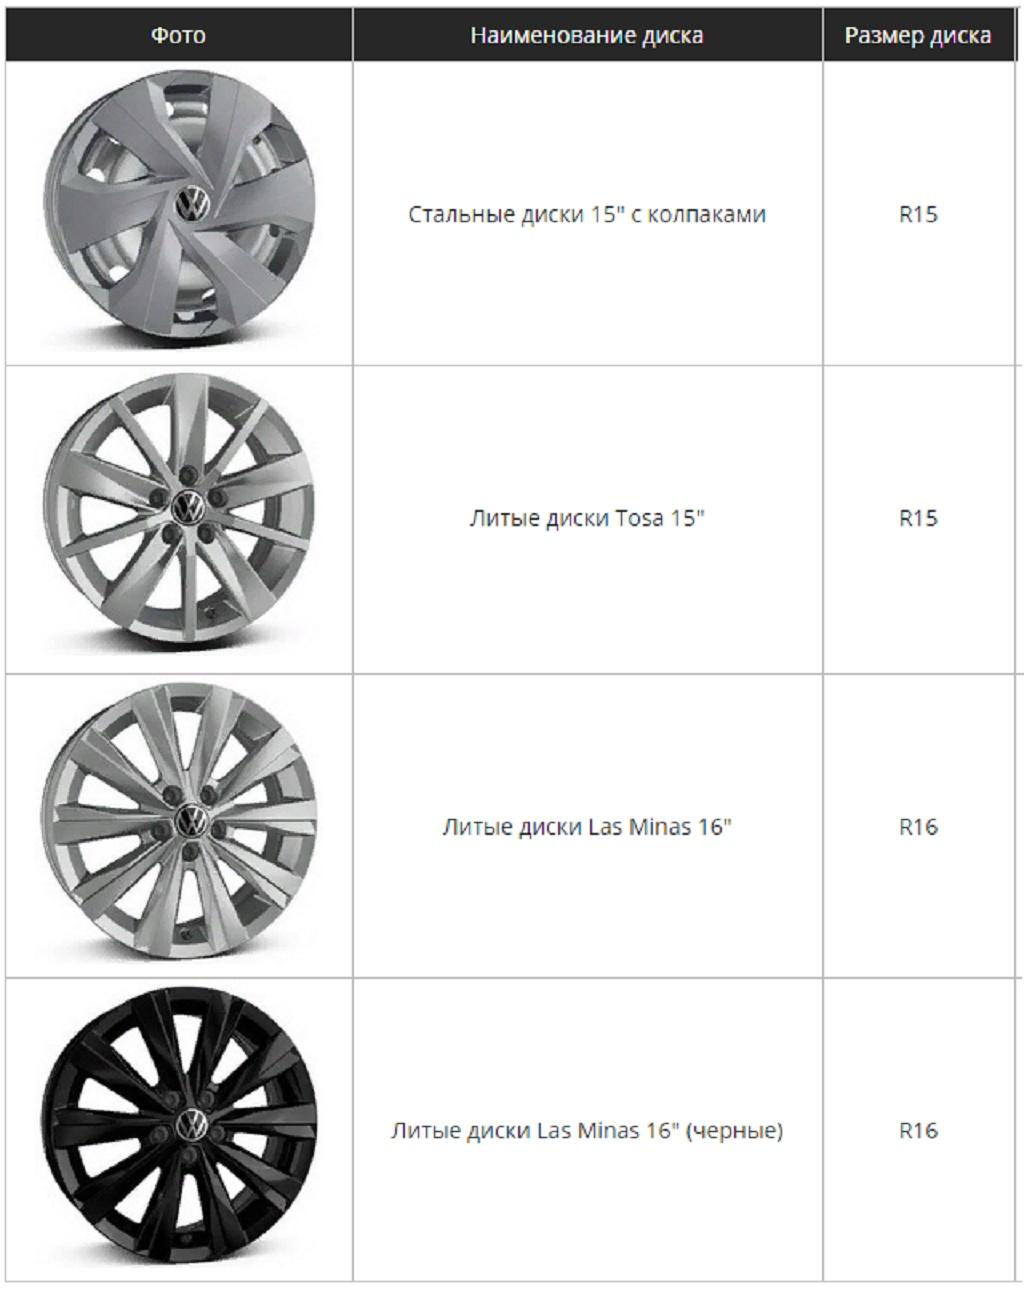 Габаритные размеры Фольксваген Поло лифтбек: кузов, колеса, багажник